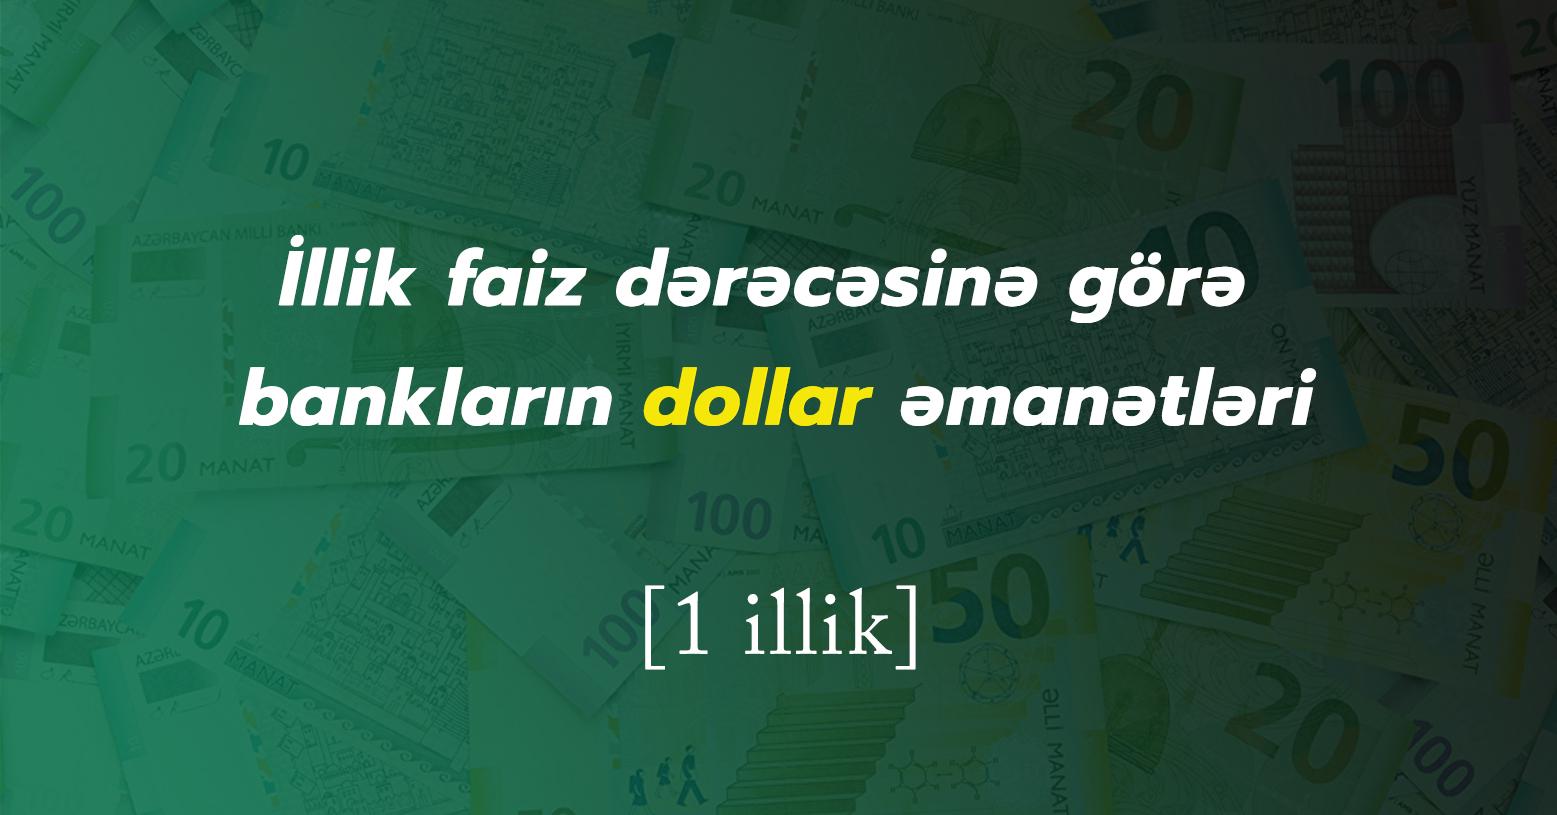 Dollar əmanəti hansı banklarda daha sərfəlidir? - Yanvar 2021